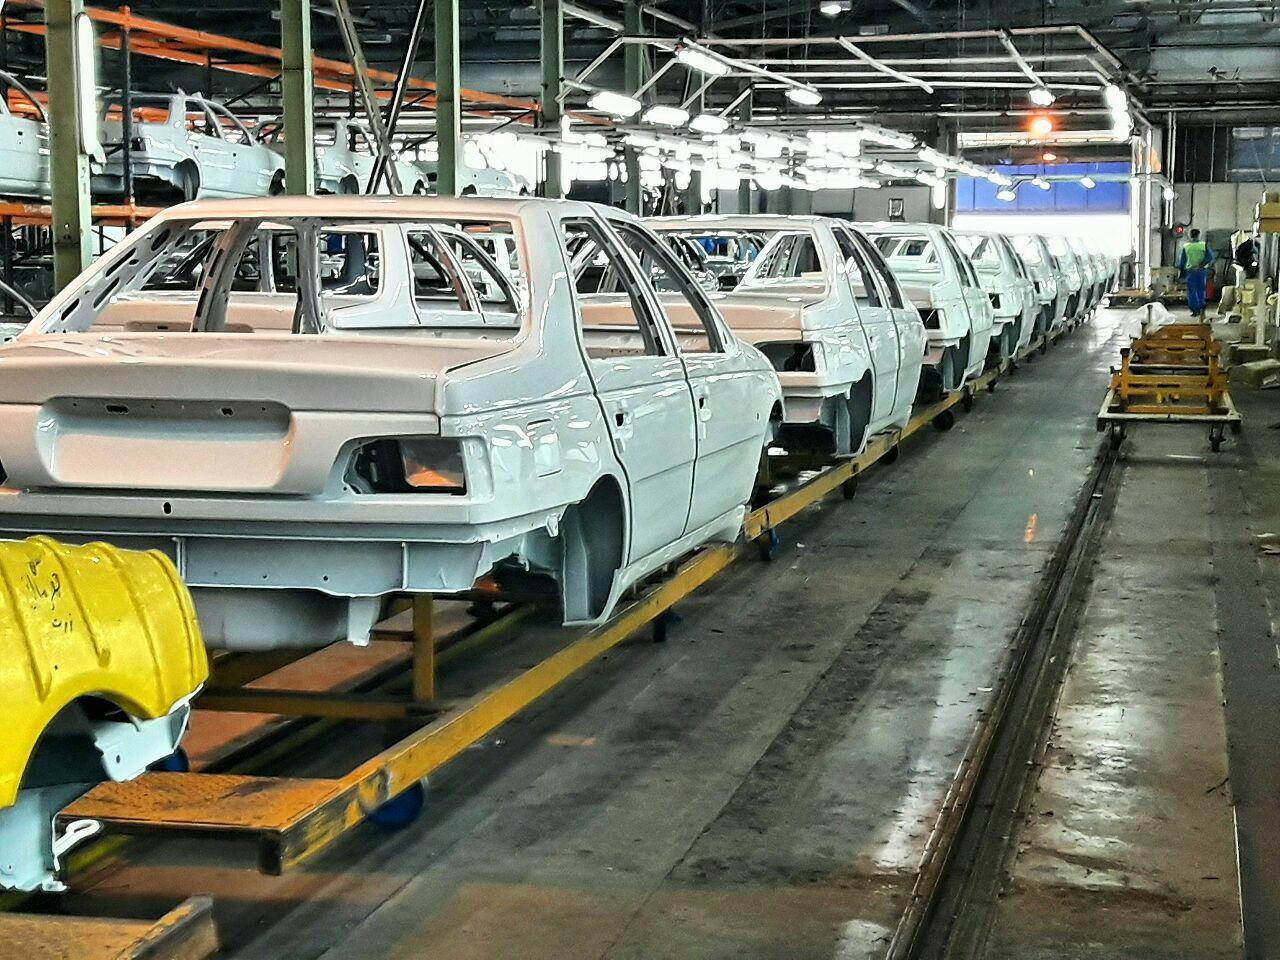 درگیری تازه قطعه سازان و خودروسازان بر سر قیمتها؛ یک گام دیگر به سمت ورشکستگی - 11